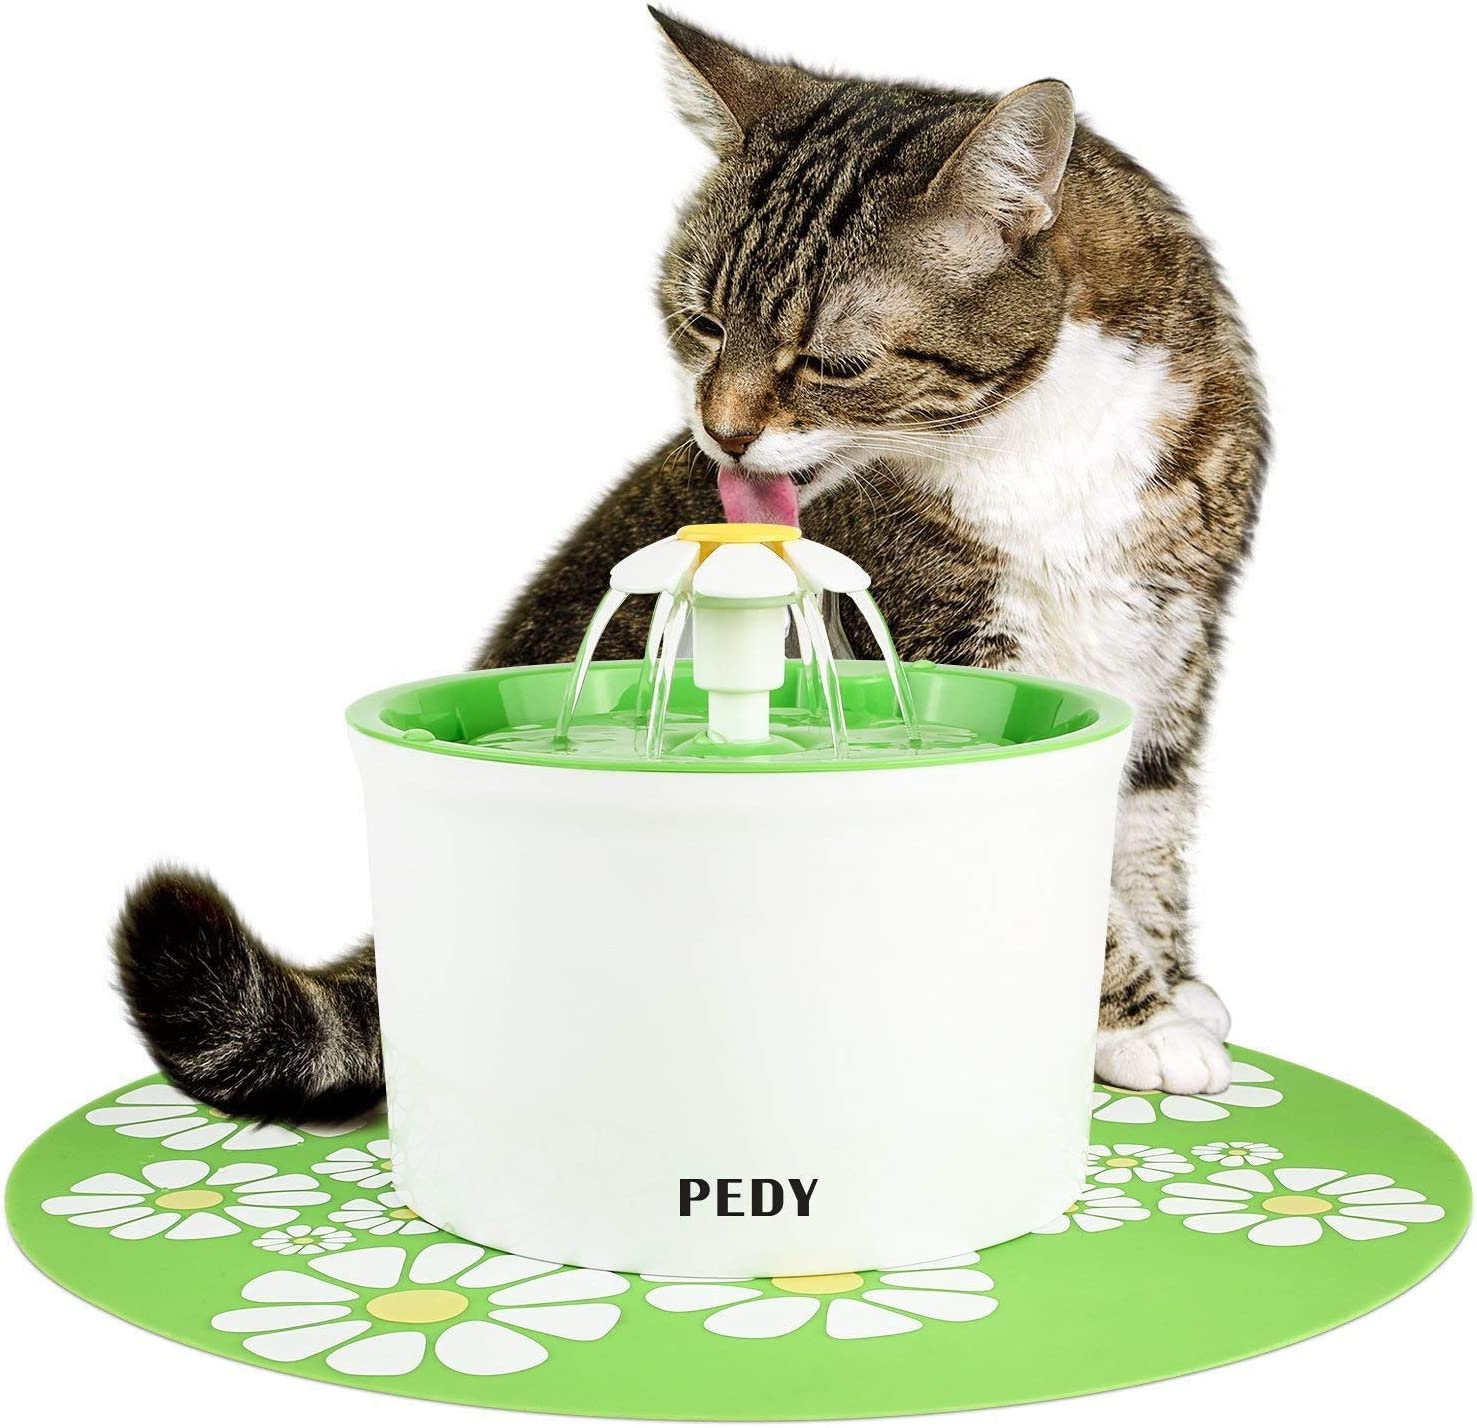 pedy Fuente de Agua Silenciosa para Mascotas con Dispensador Circular en Forma de Margarita y 3 Modos Ajustables Bebedero Automático Eléctrico para Gato con Filtro de Carbón